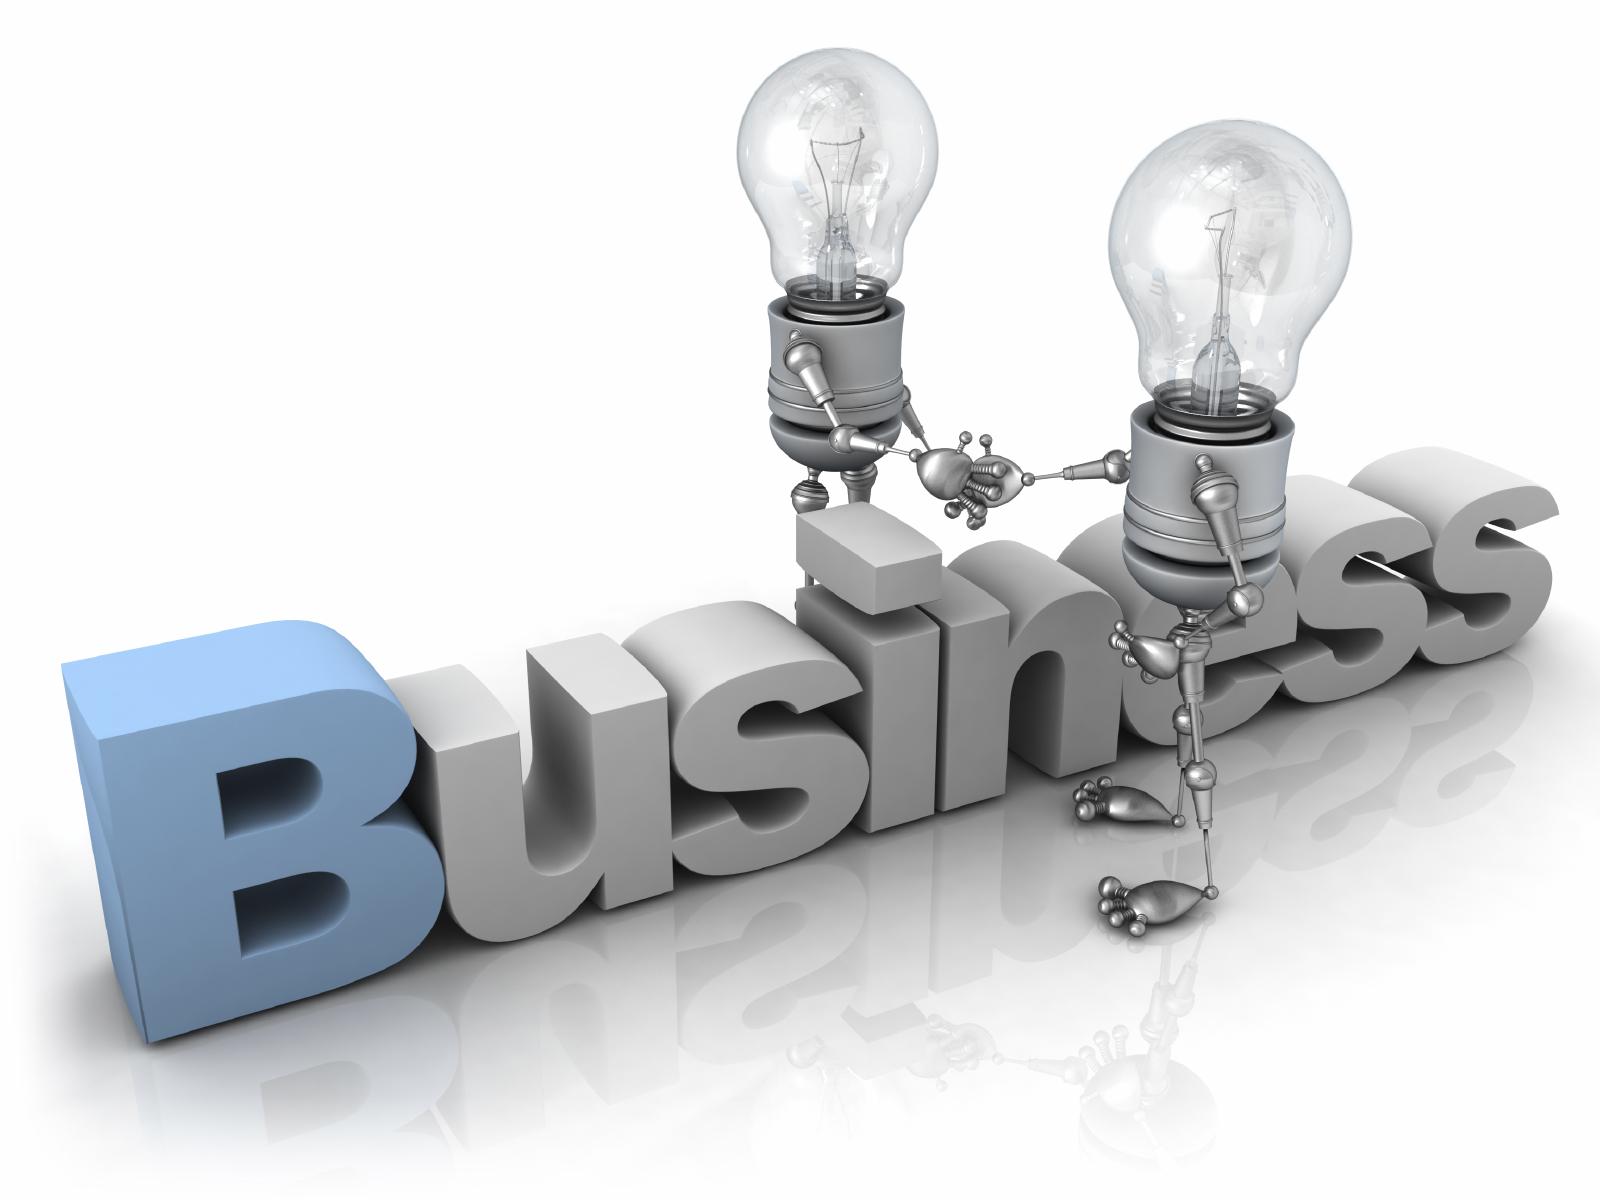 Business & Entrepreneurship Session 14